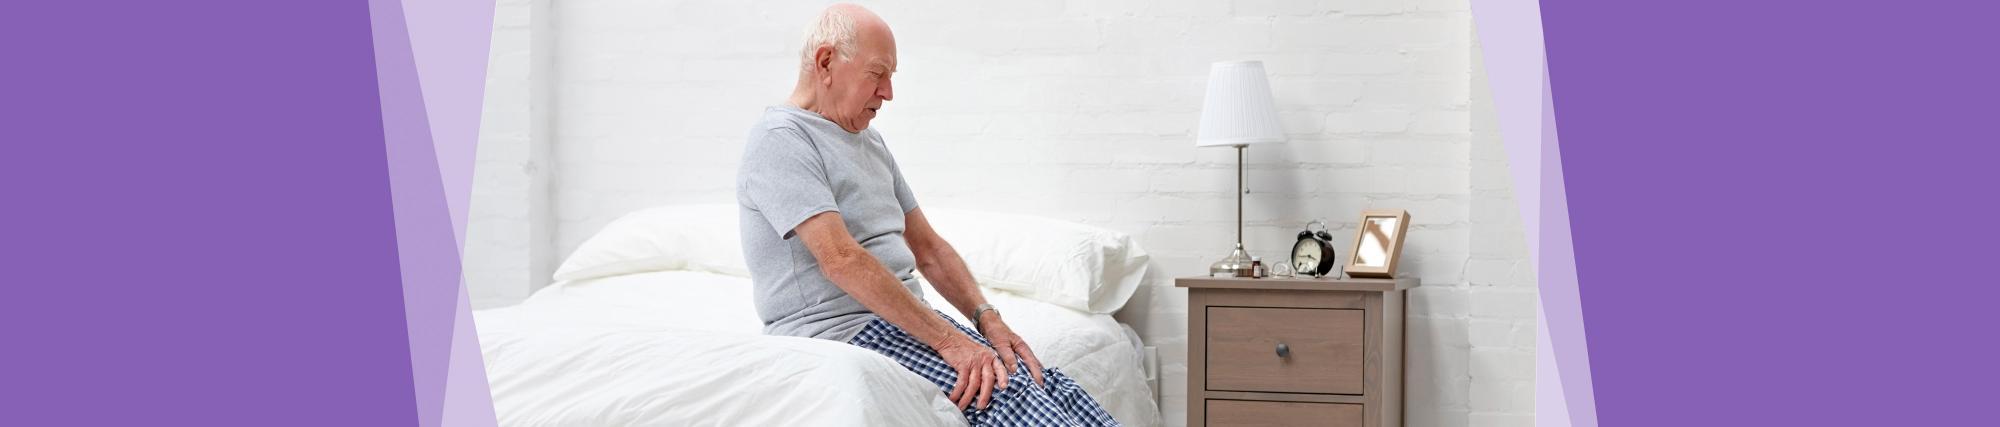 Gewrichtspijn & artrose